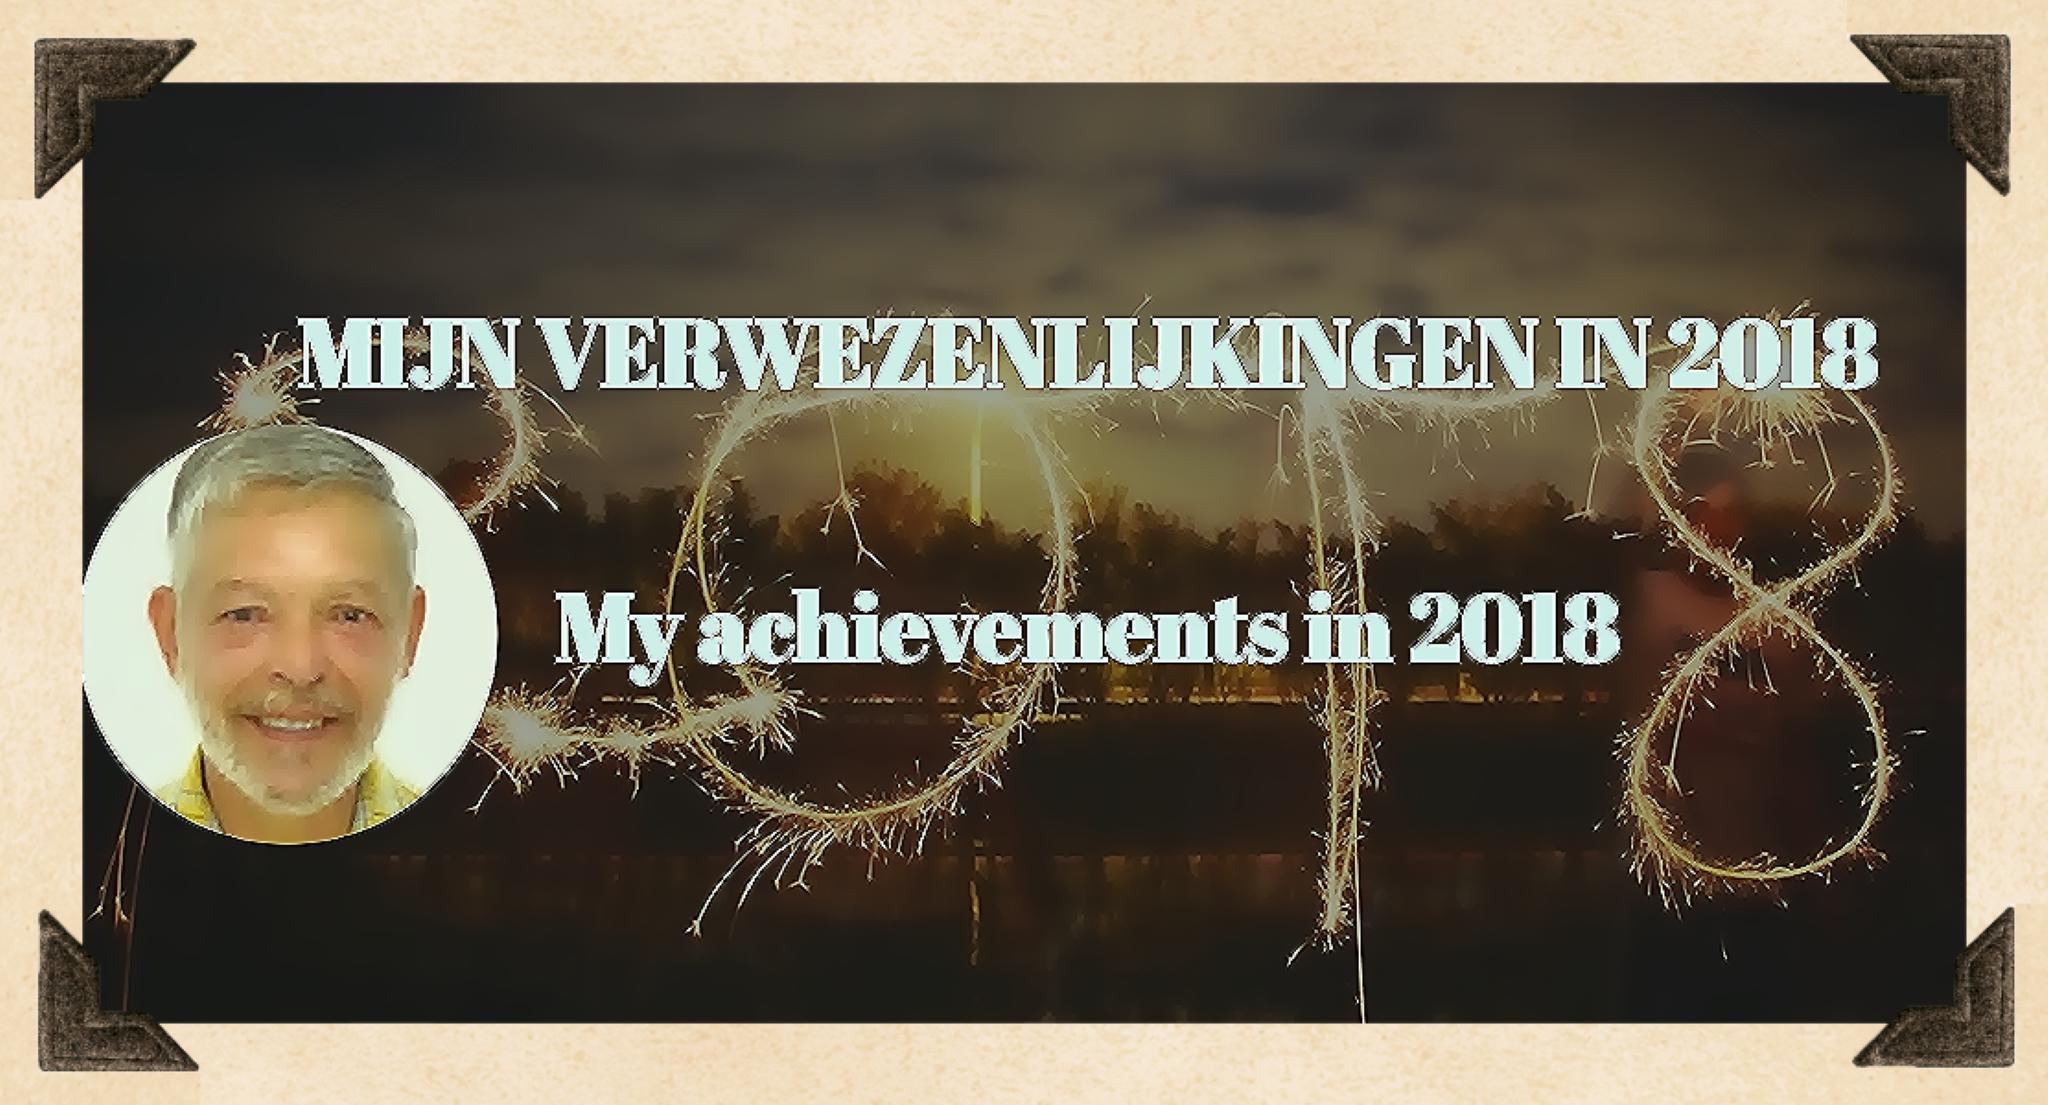 Mijn verwezenlijkingen in 2018 |My achievements in 2018